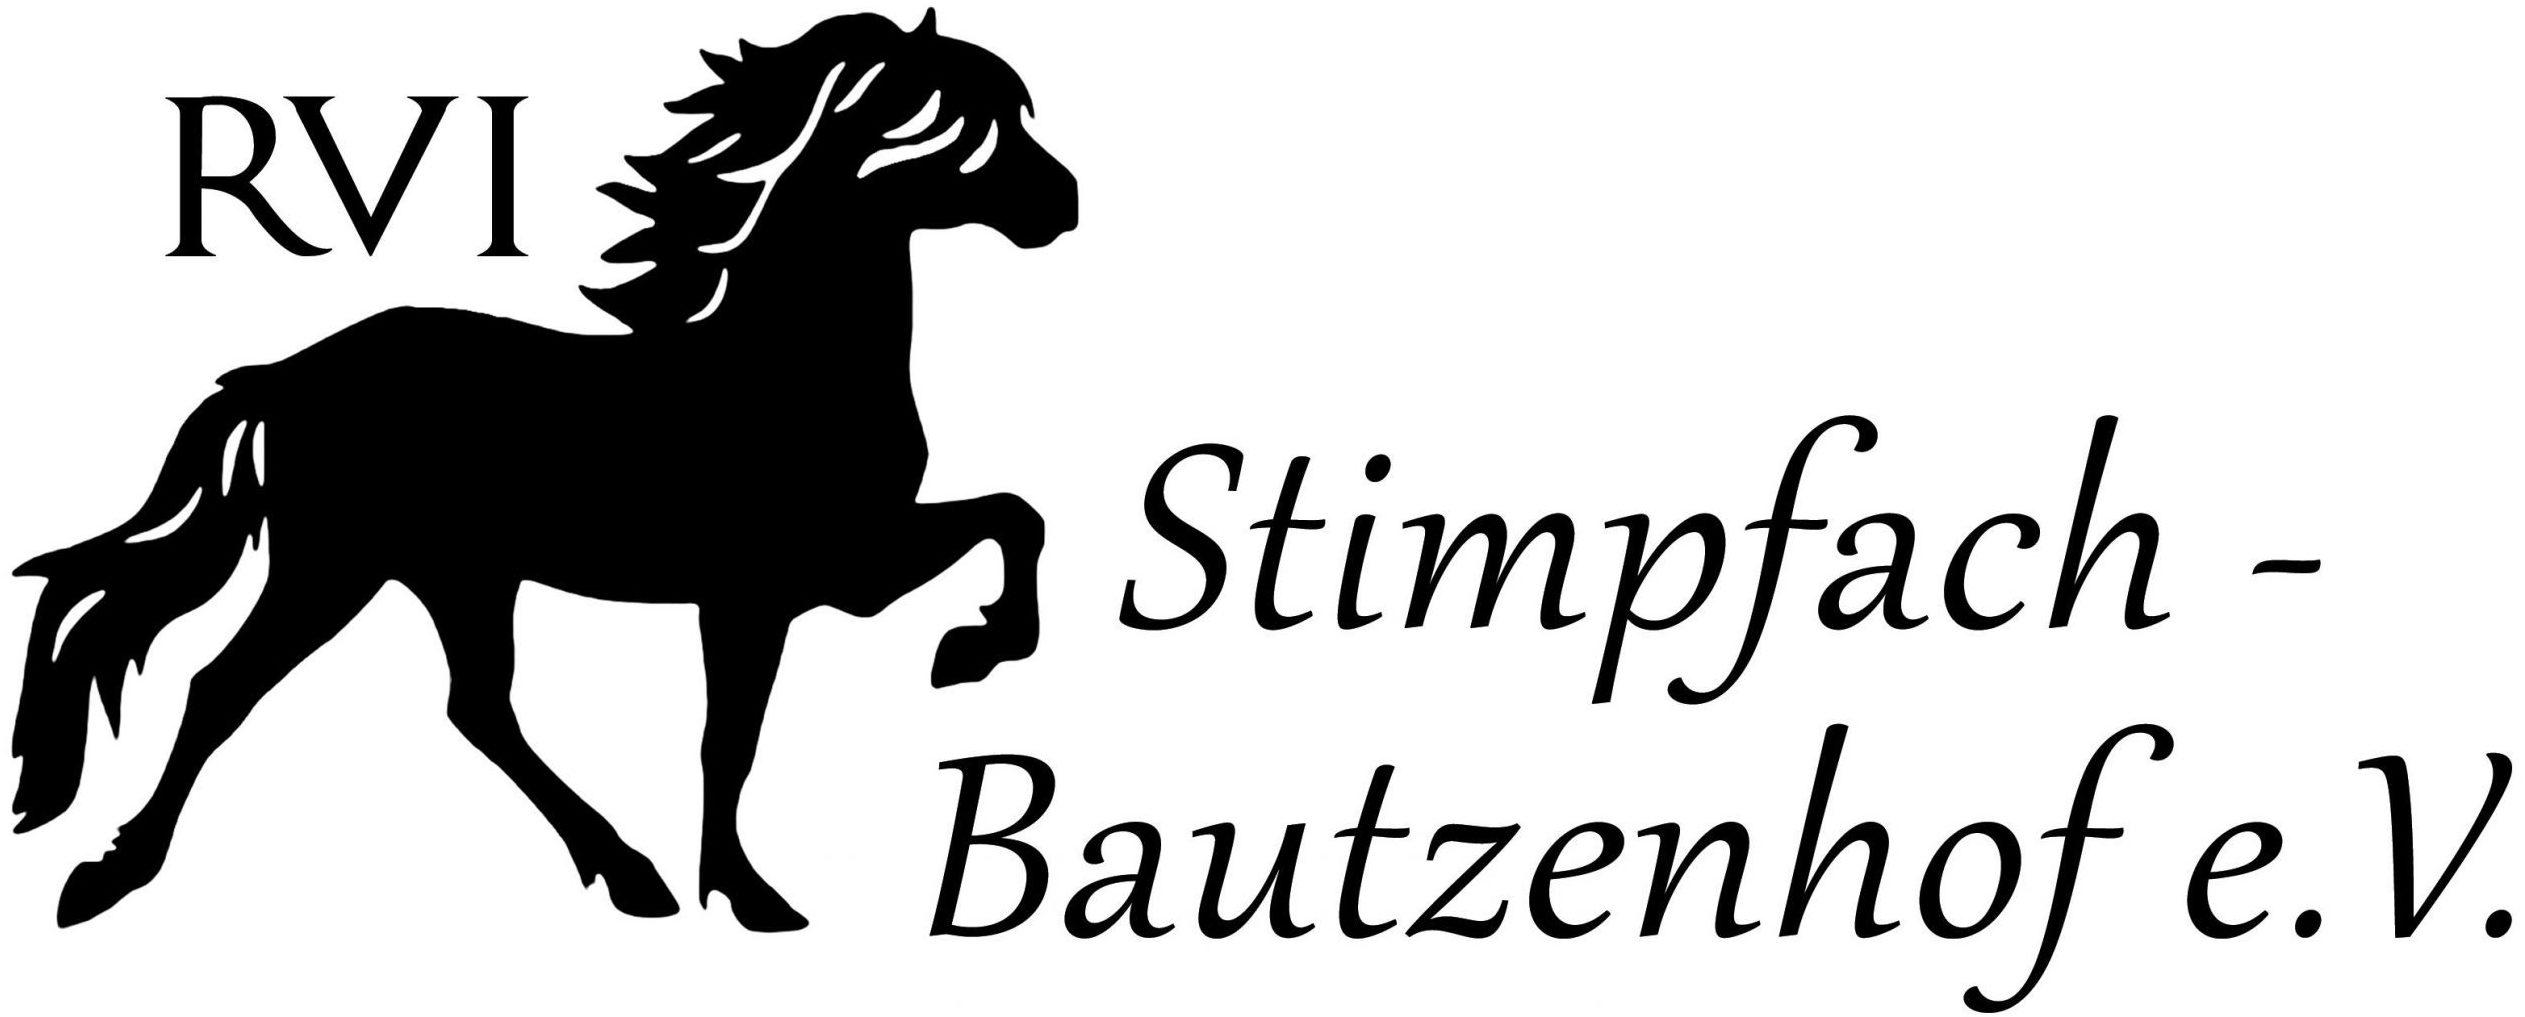 RVI-Stimpfach-Bautzenhof e.V.